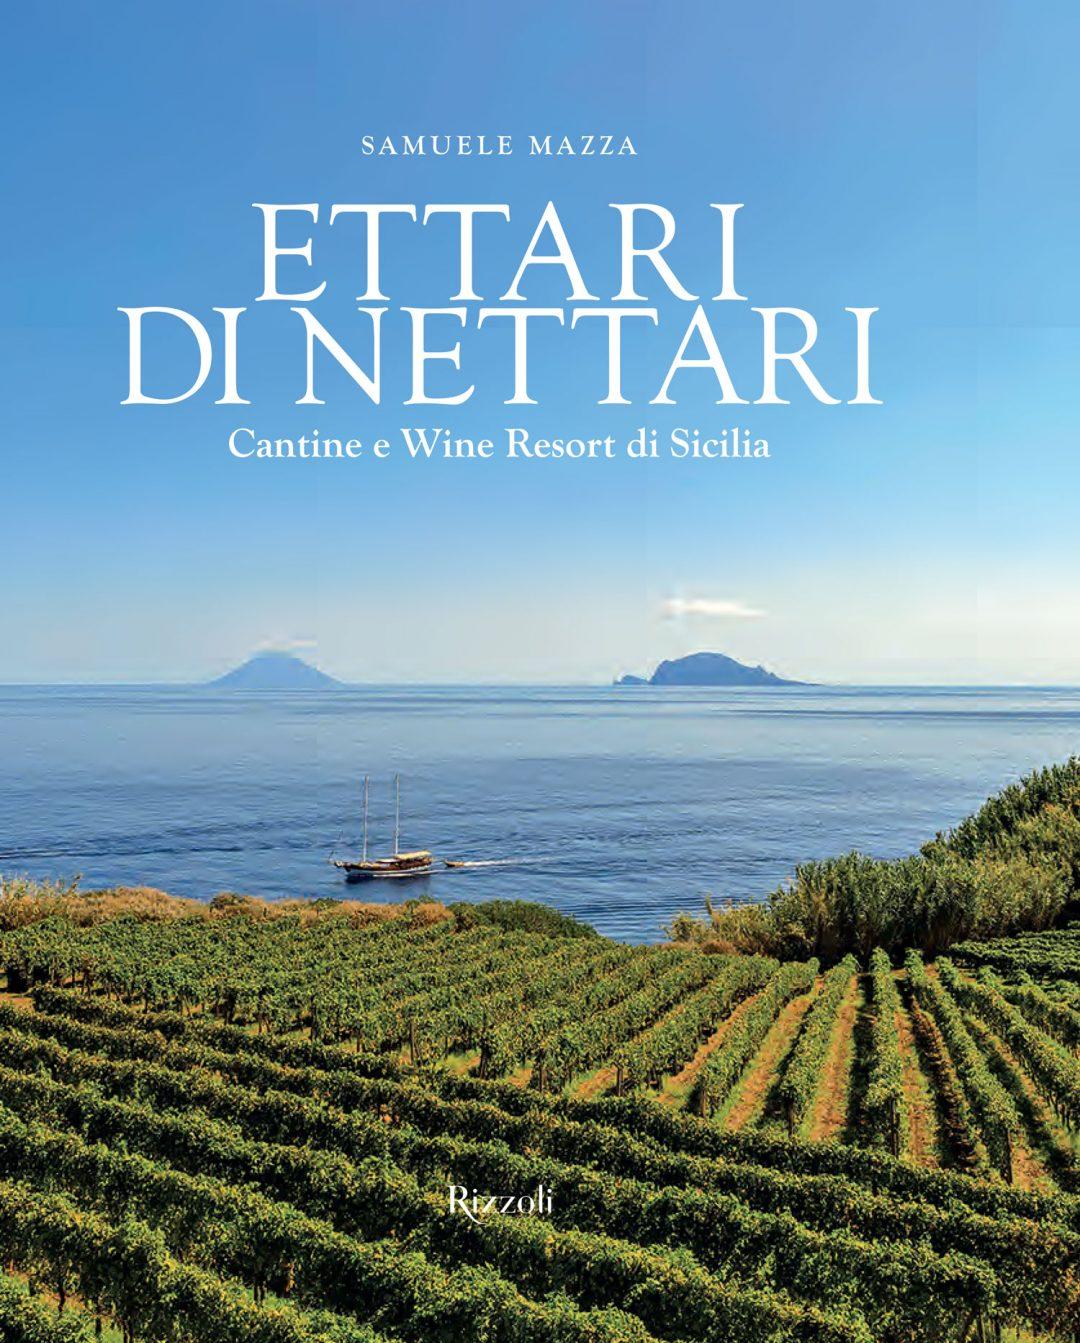 Cantine e wine resort in Sicilia: tra mare, vigneti e ospitalità di antica tradizione